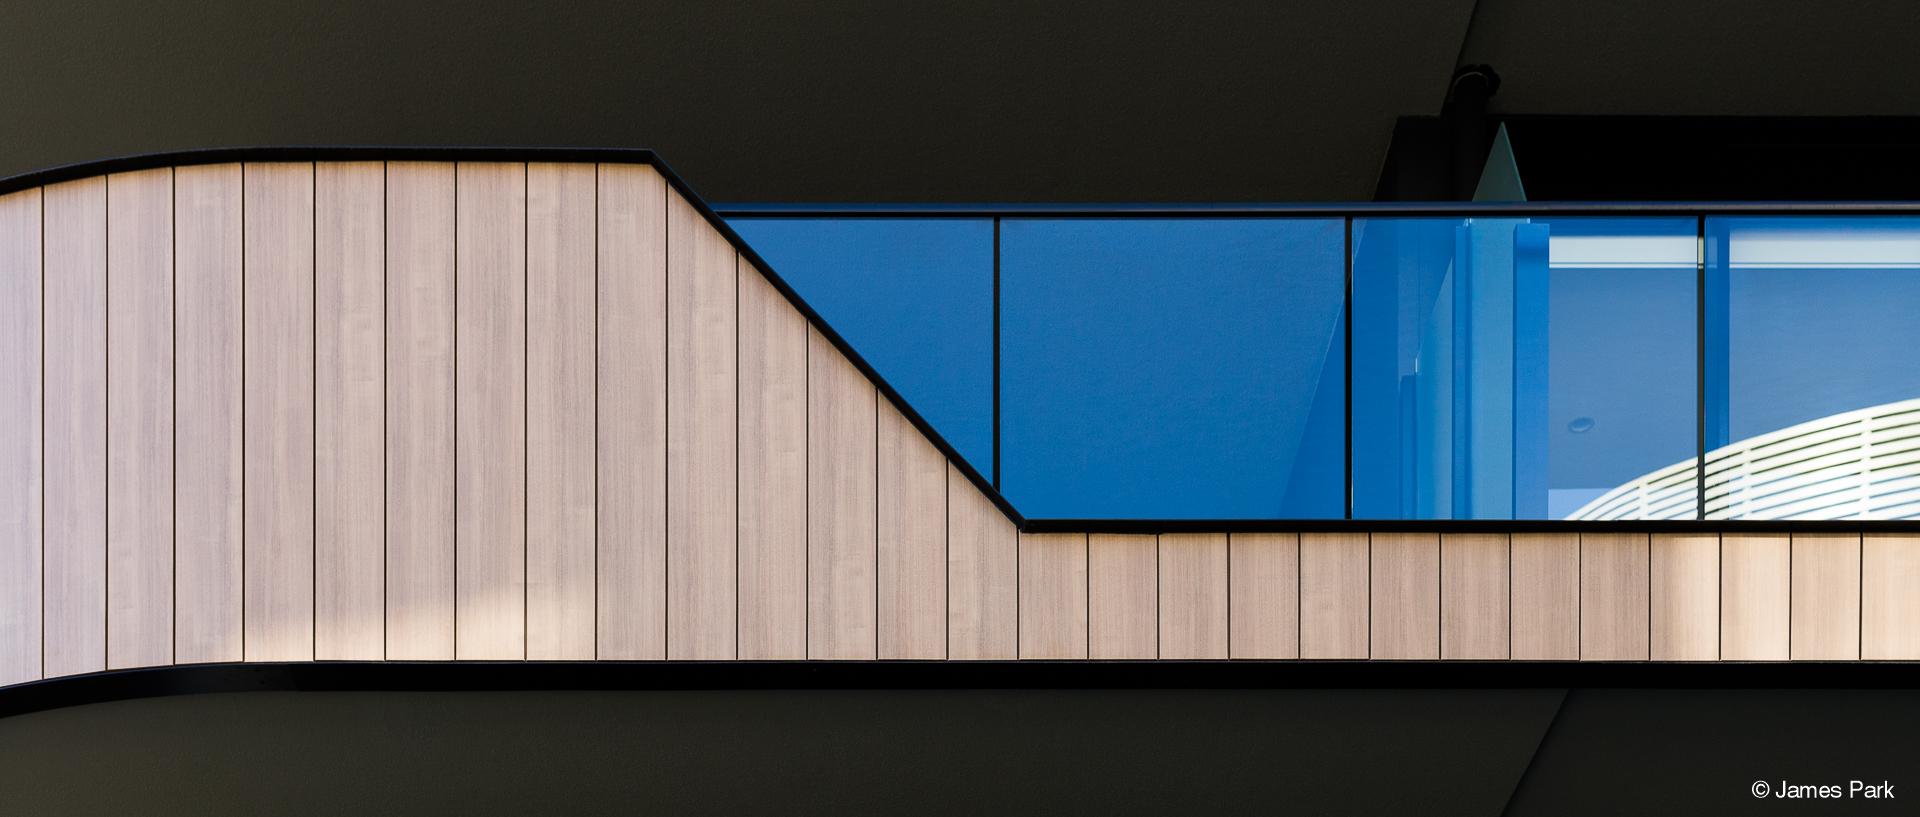 Timber Look Express Panel Cladding